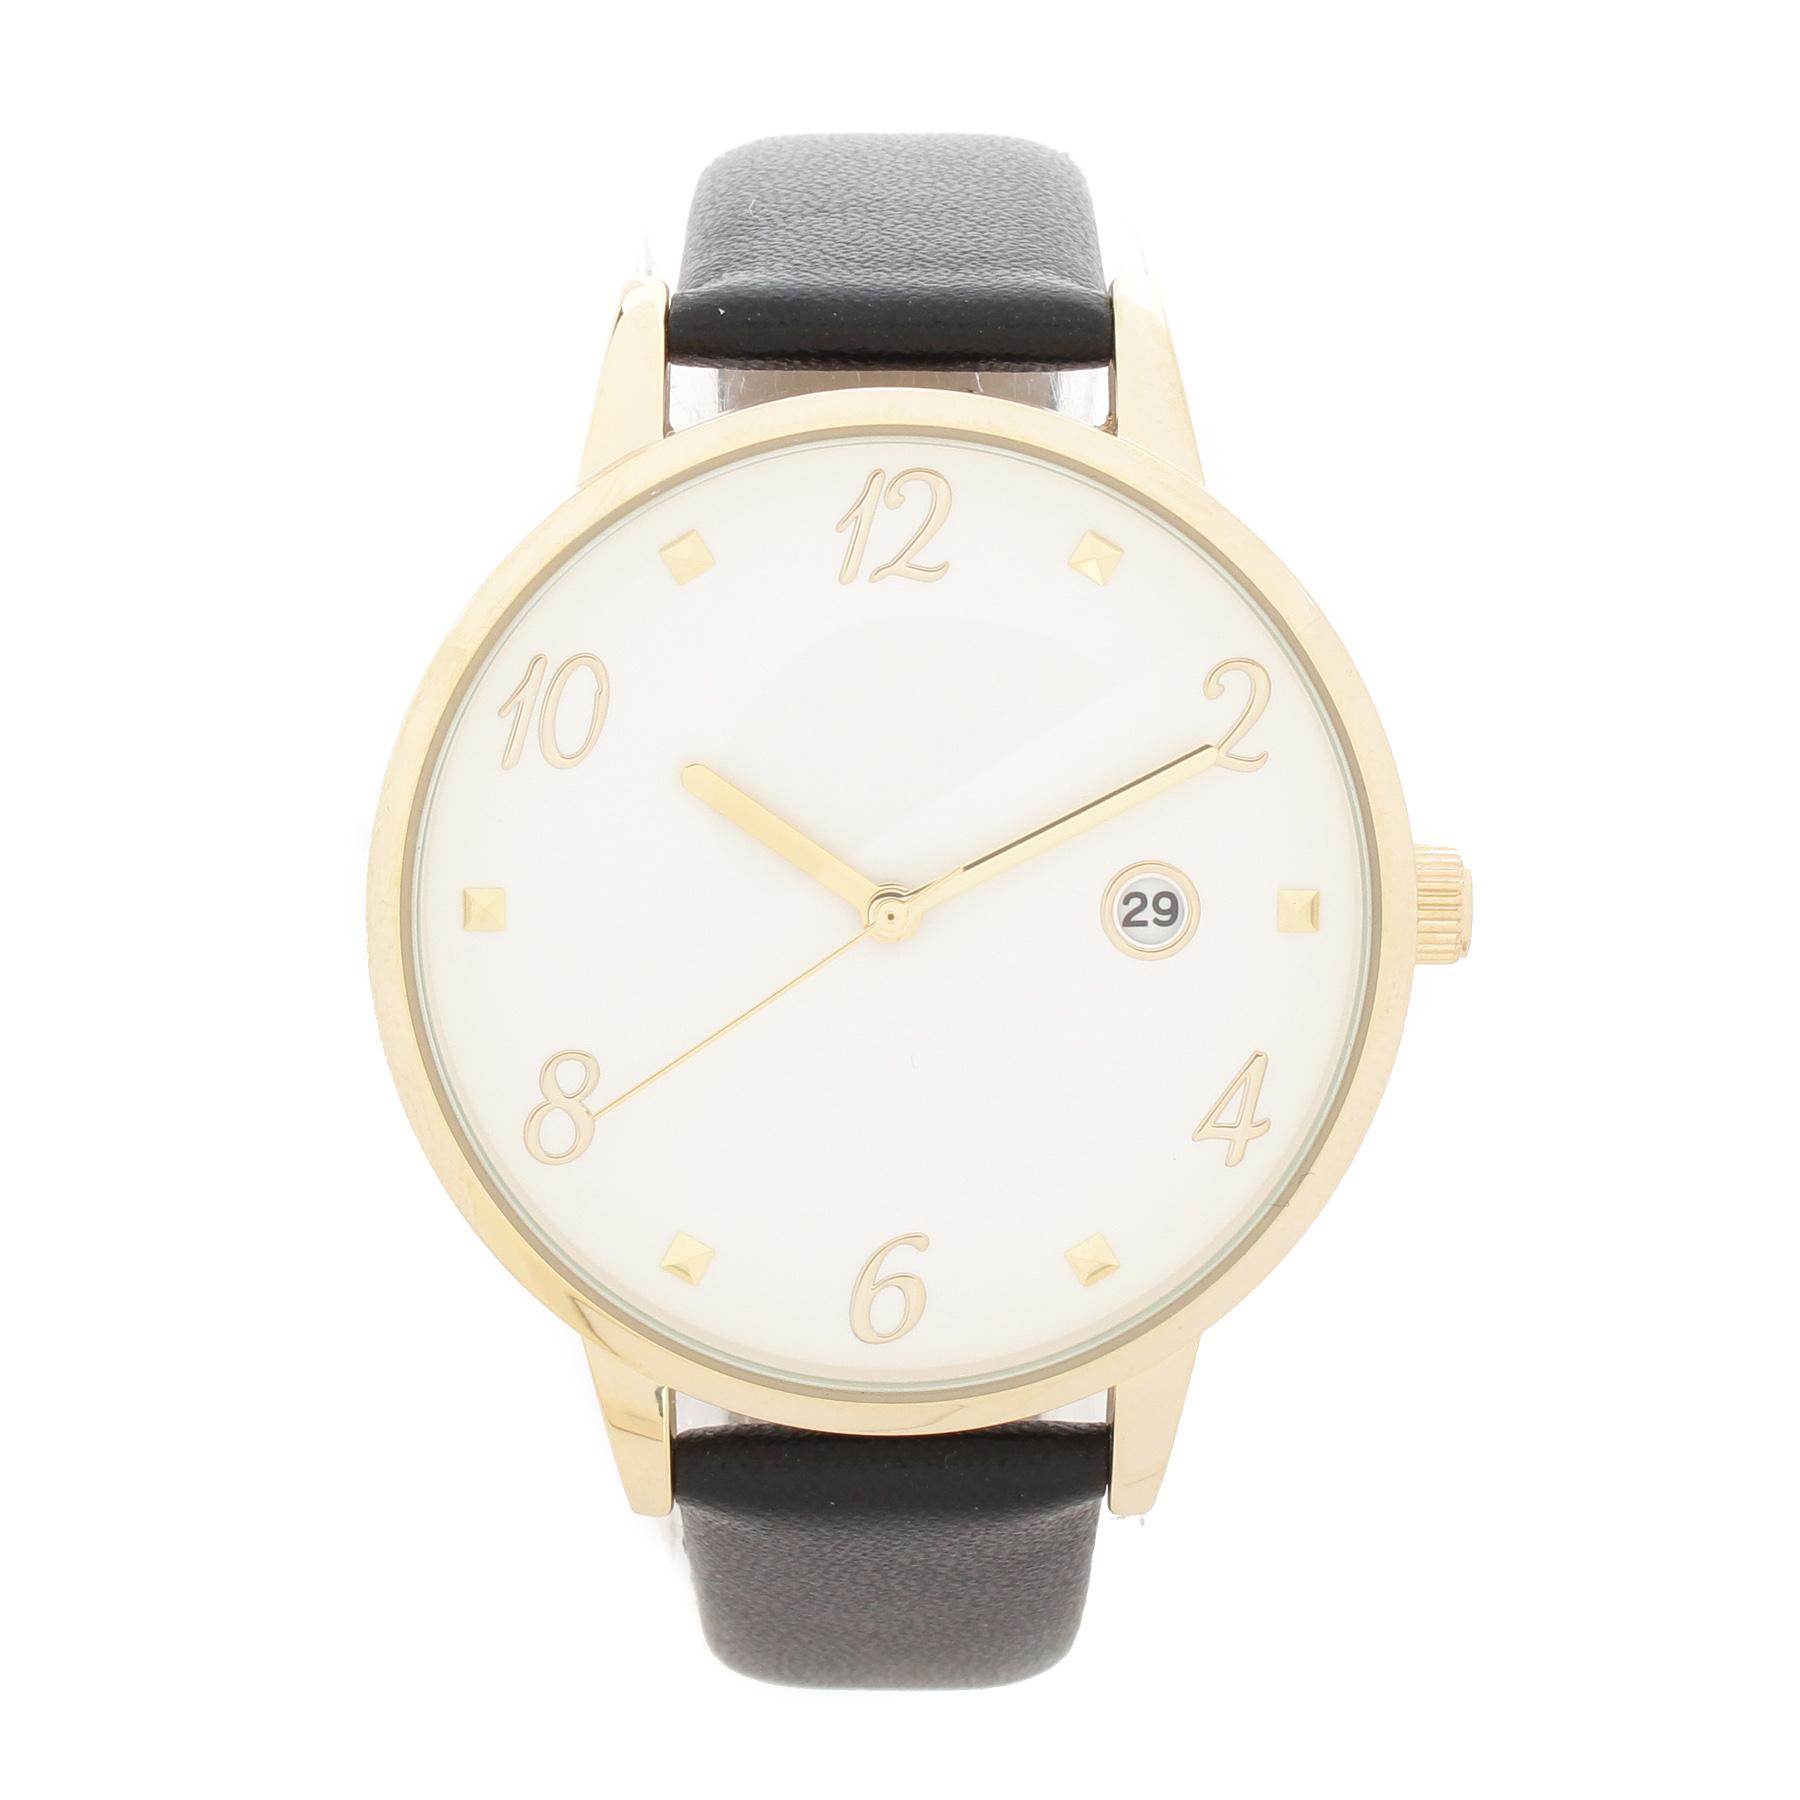 【passage mignon (パサージュ ミニョン)】フェイクレザーベルトゴールドカラーウォッチレディース 雑貨|腕時計 ブラック